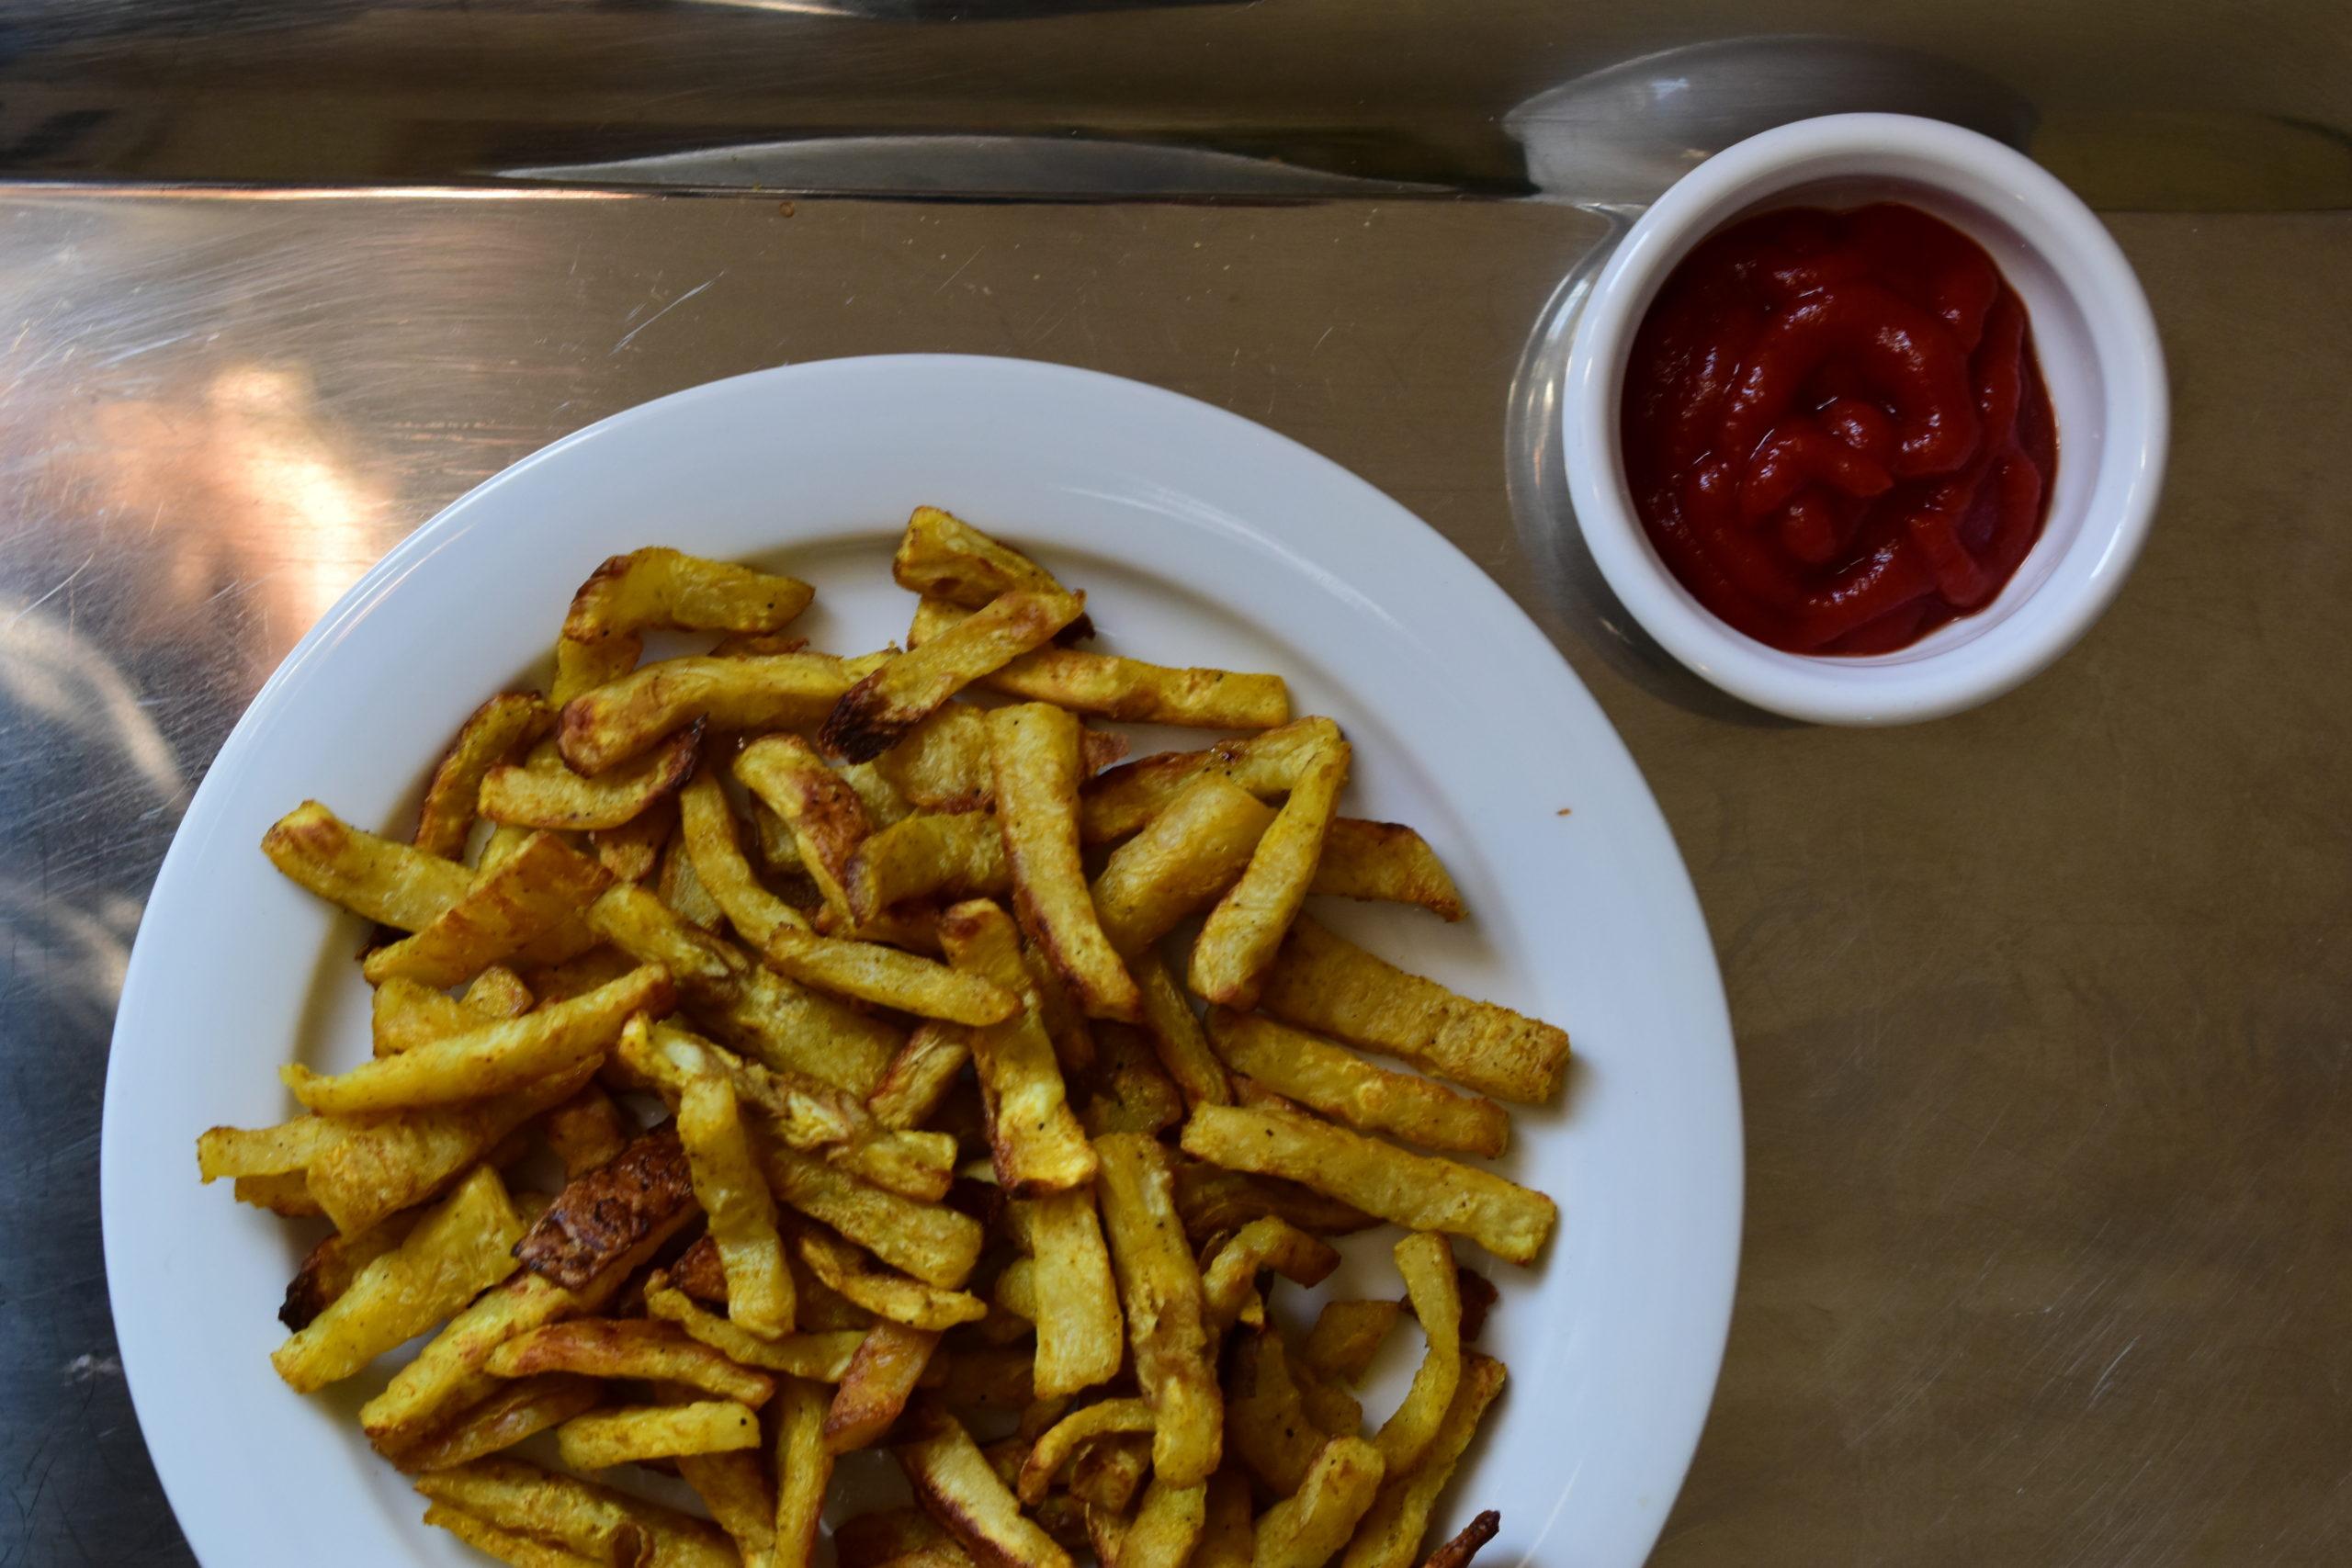 Oven baked celeriac chips